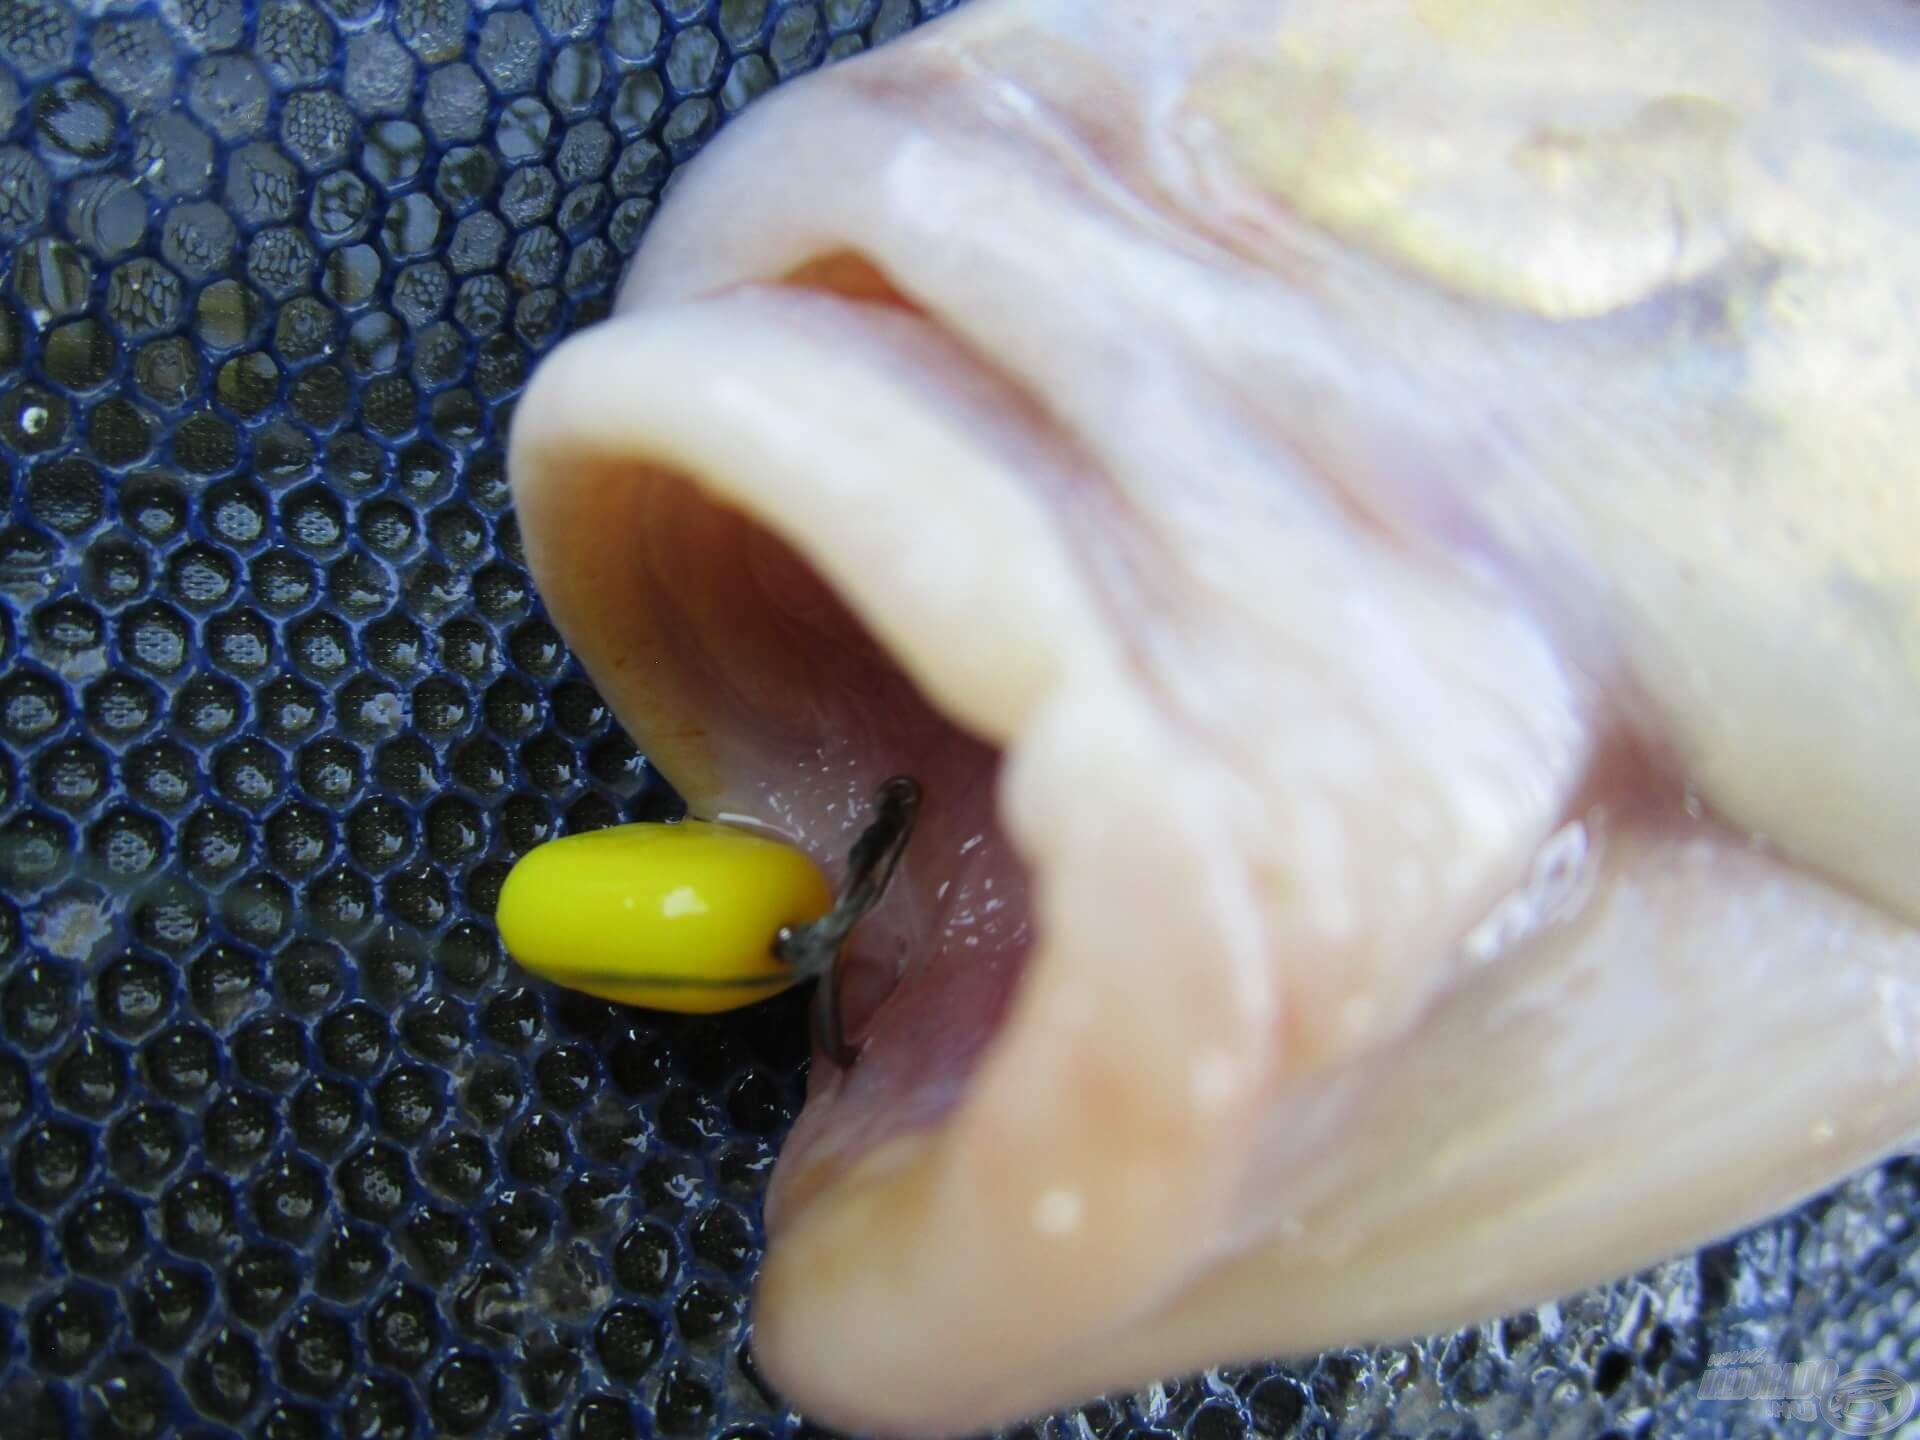 A 12-es méretű GURU QM1-es horog jól akadt. Kedvelem ezt a kicsi szakáll nélküli horgot, mert nem okoz nagy sebet és könnyű eltávolítani